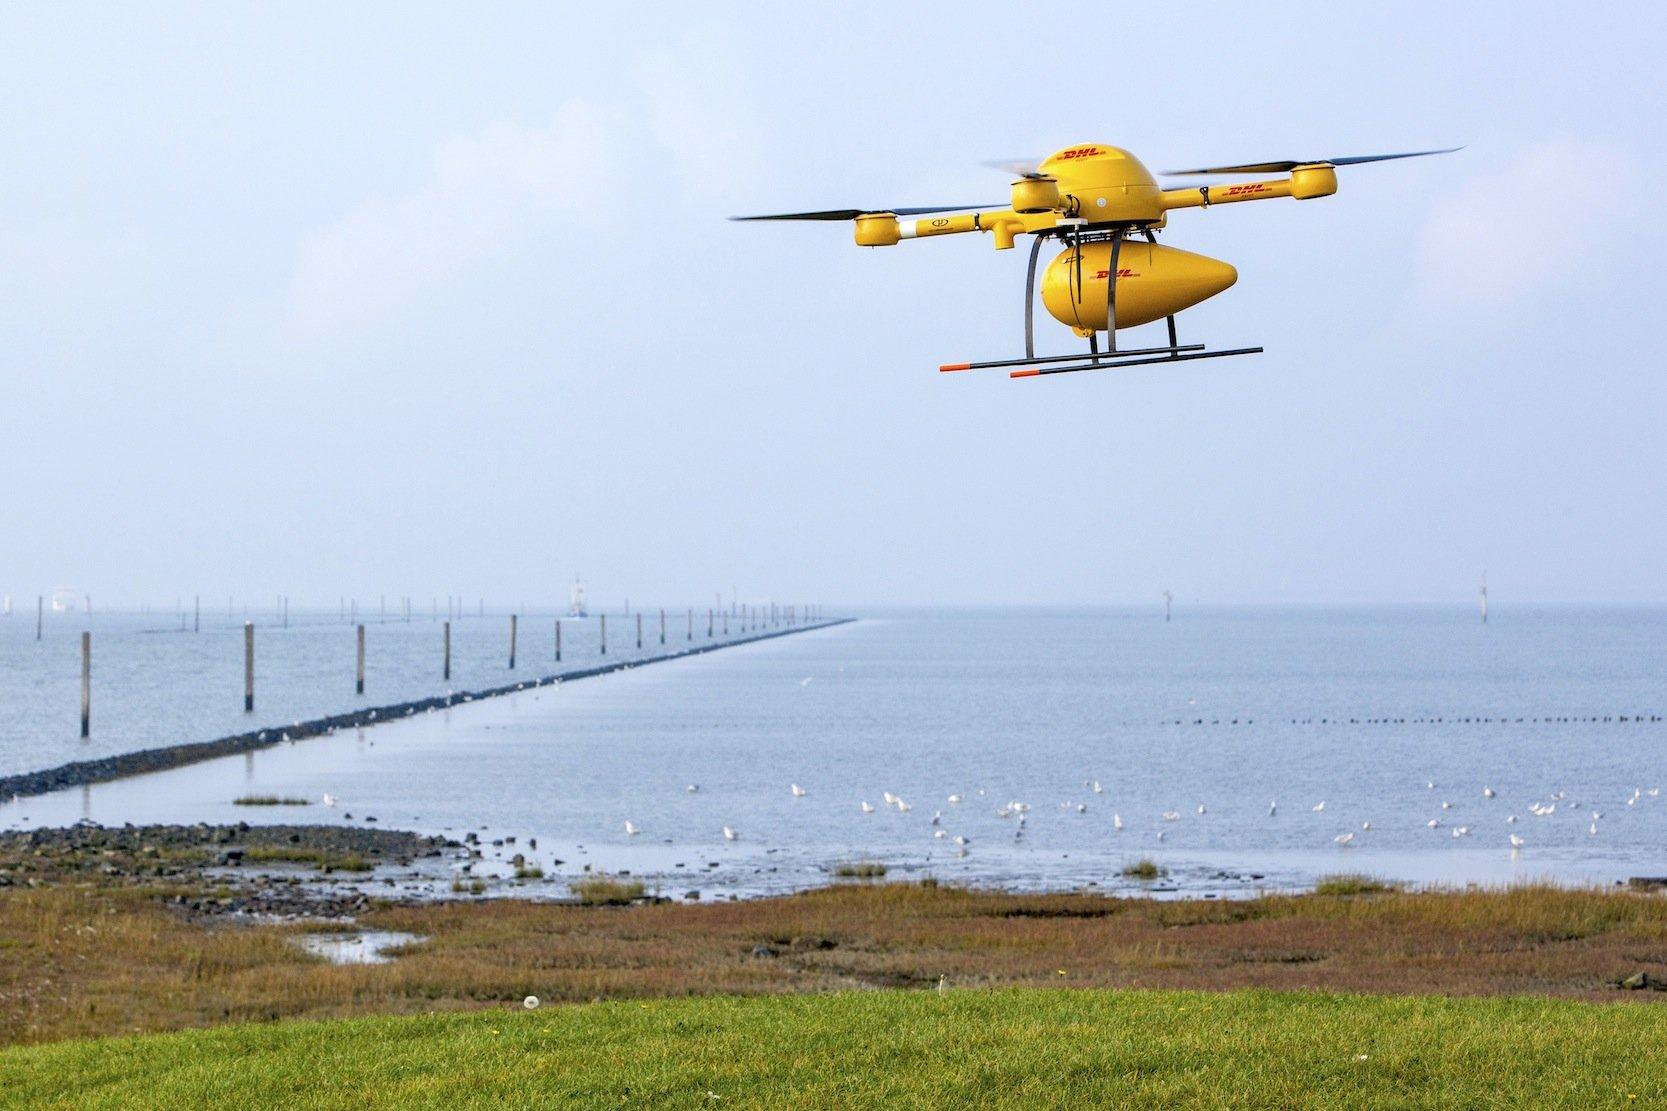 Start eine Paket-Drohne der Deutschen Post DHL auf der Nordseeinsel Juist: Vor allem private Drohnen fliegen derzeit unkontrolliert.